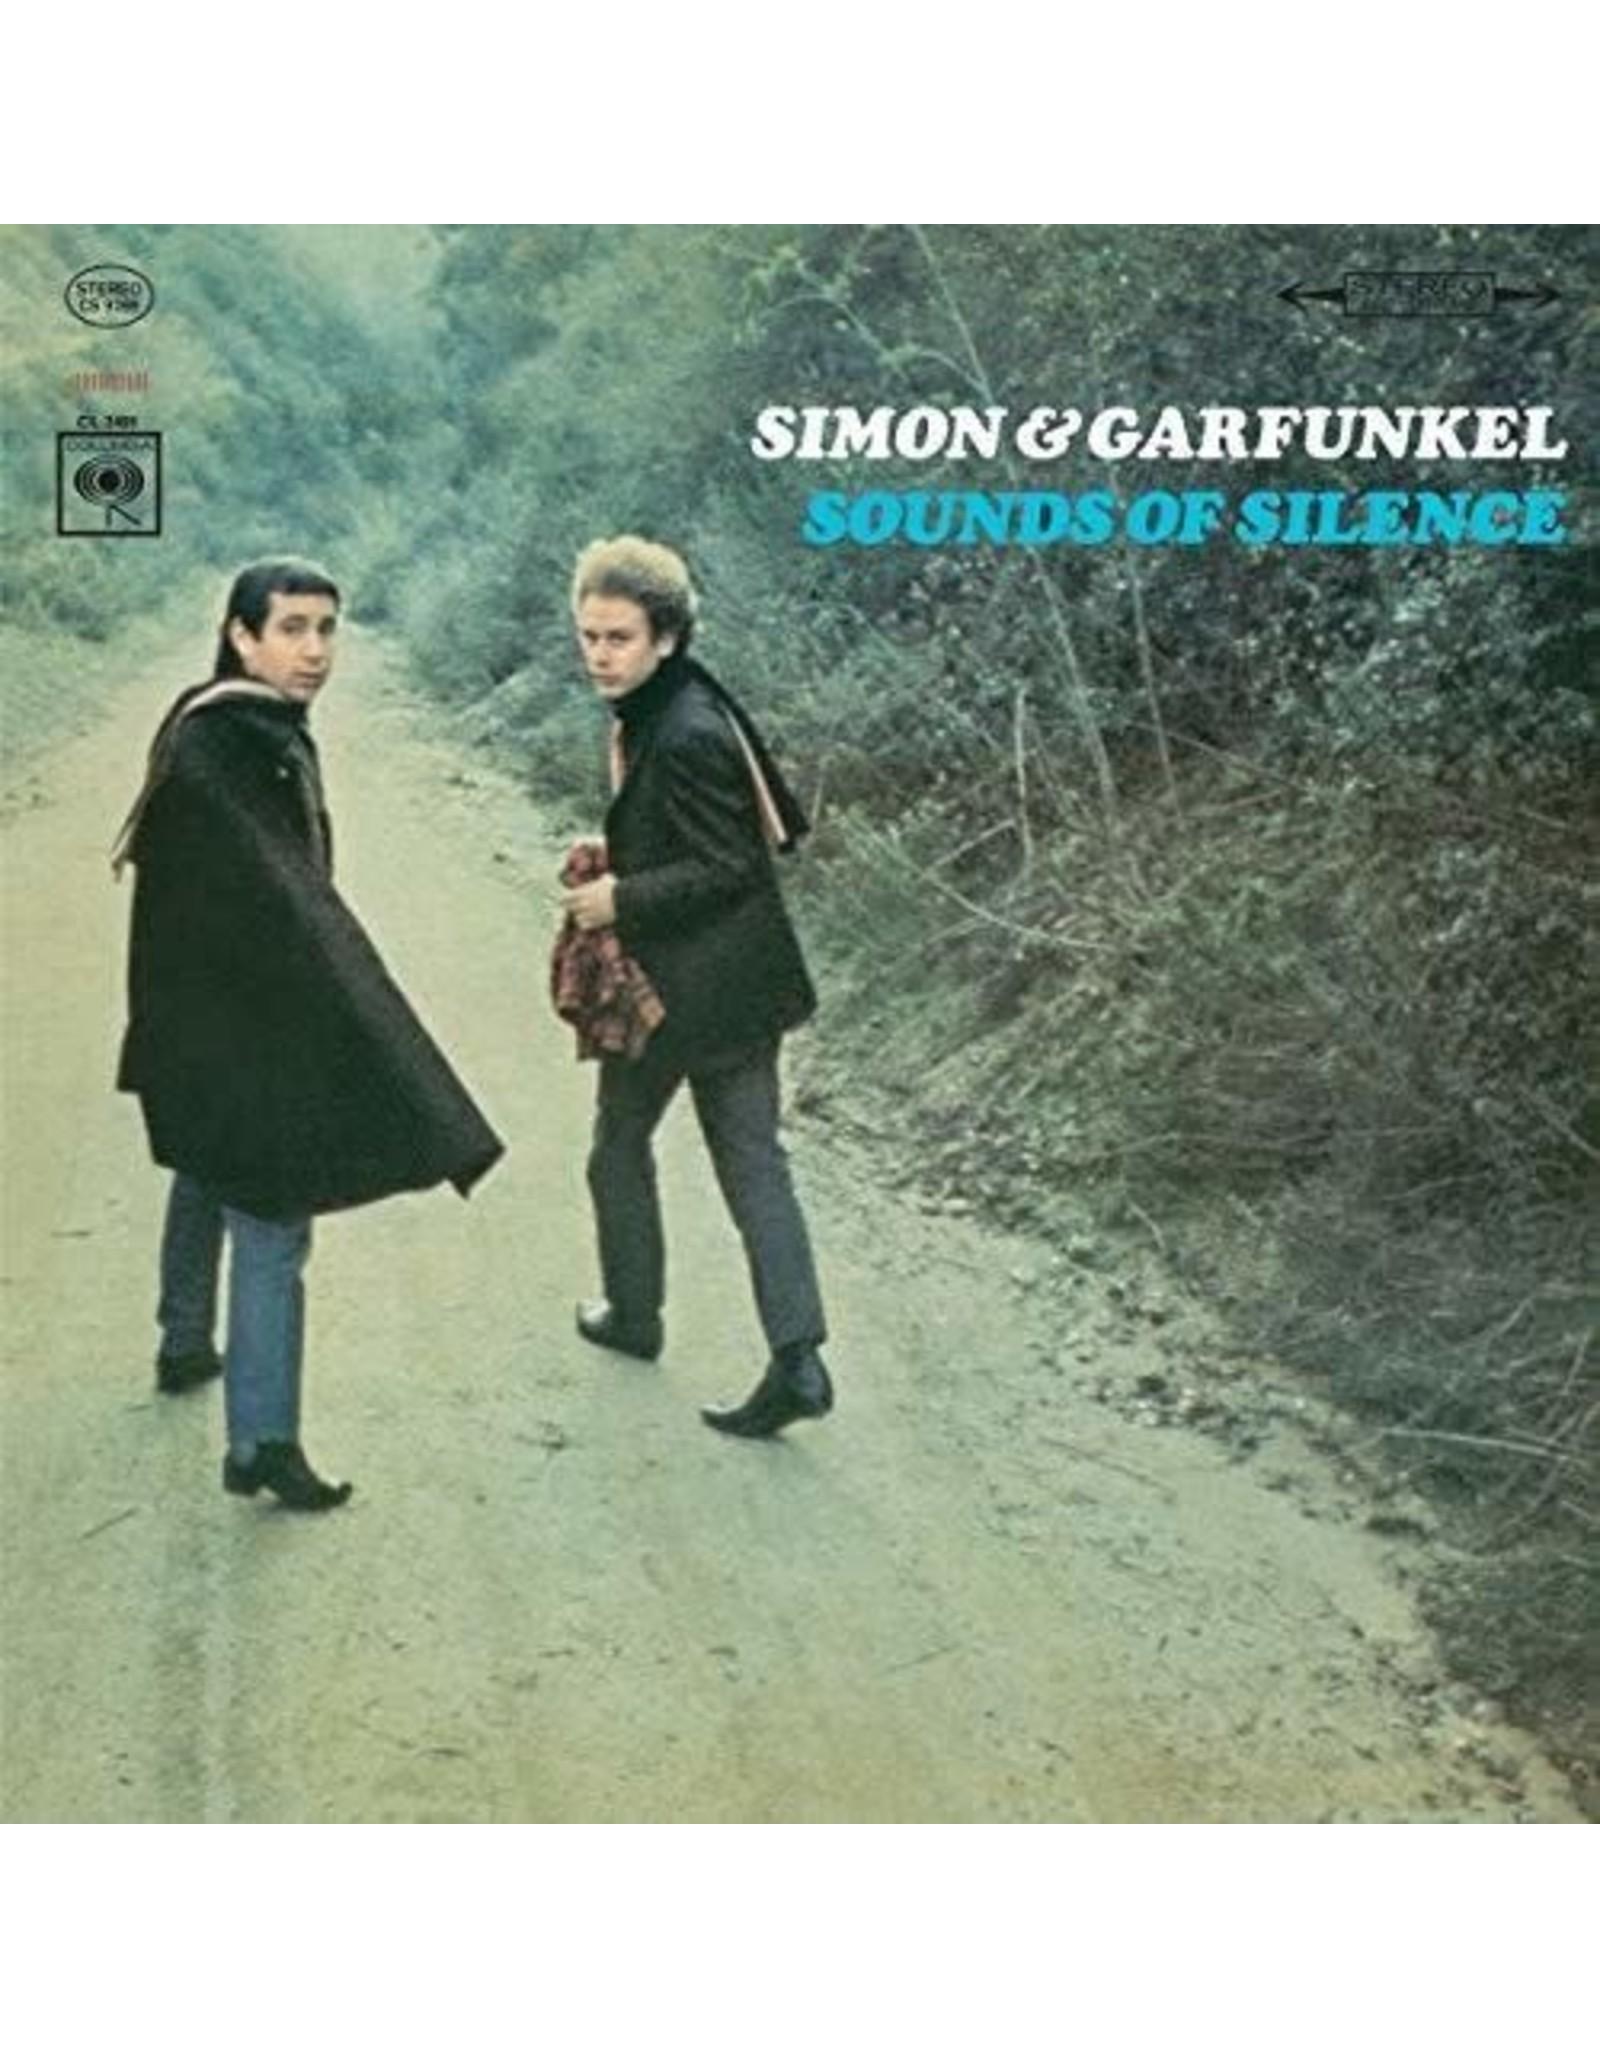 New Vinyl Simon & Garfunkel - Sounds Of Silence LP